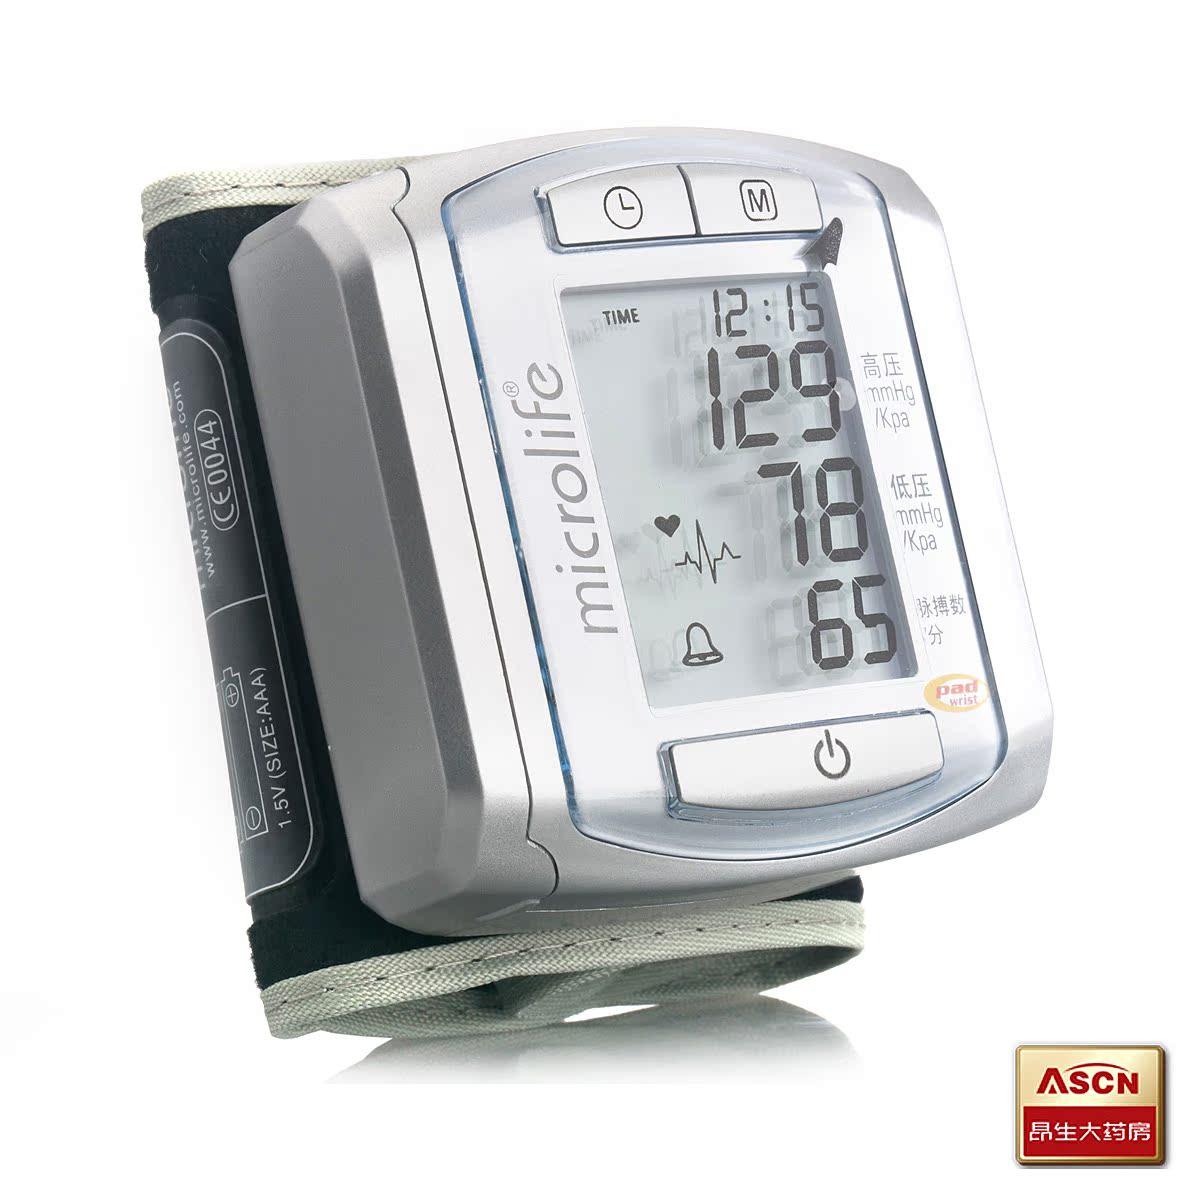 瑞士迈克大夫家用手腕表式电子血压计 BP W90 心率不齐检测血压仪